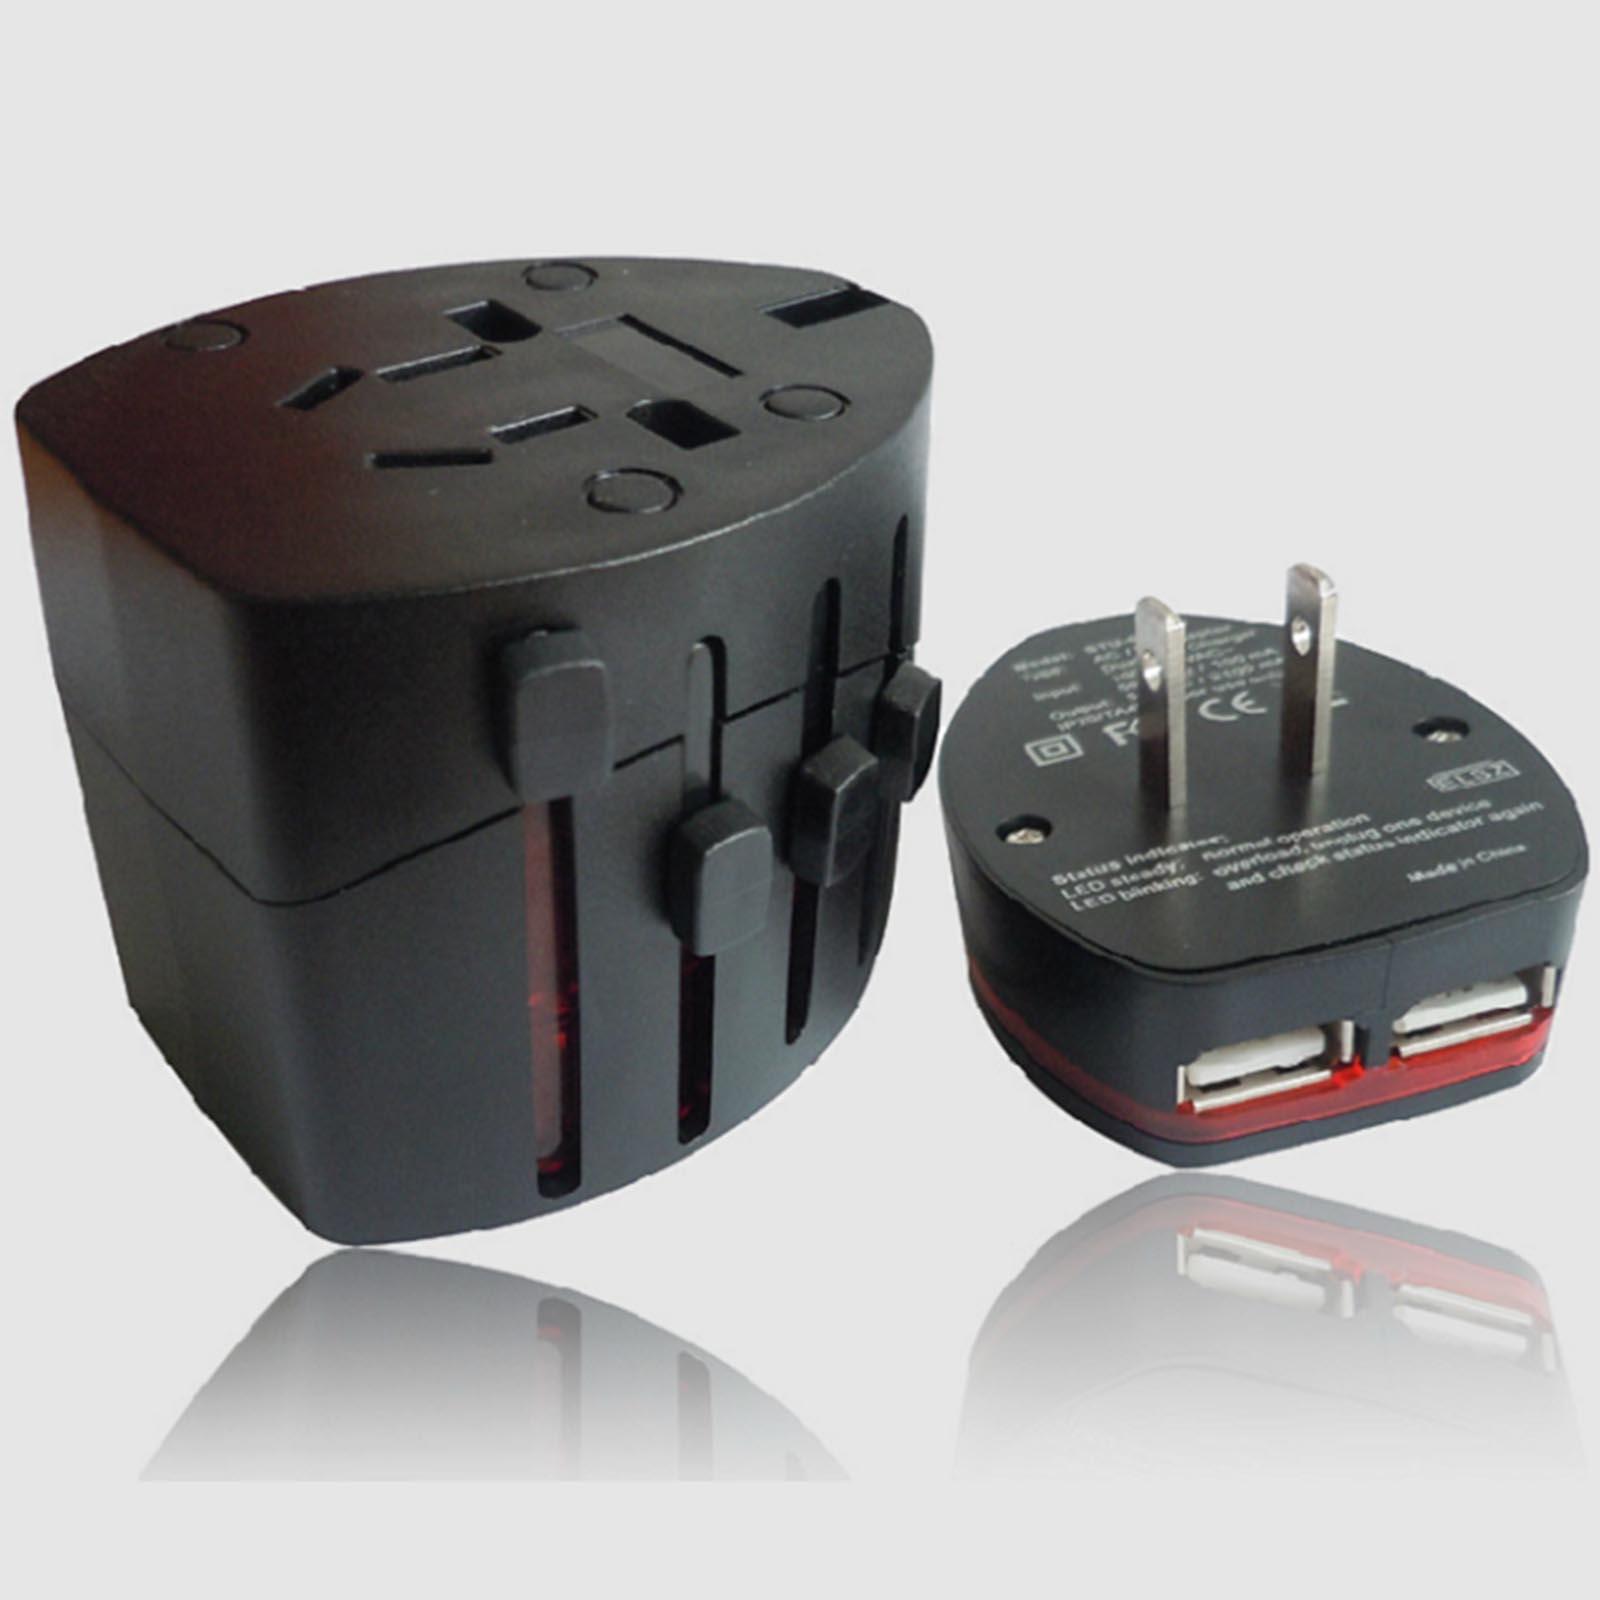 USB адаптер-переходник